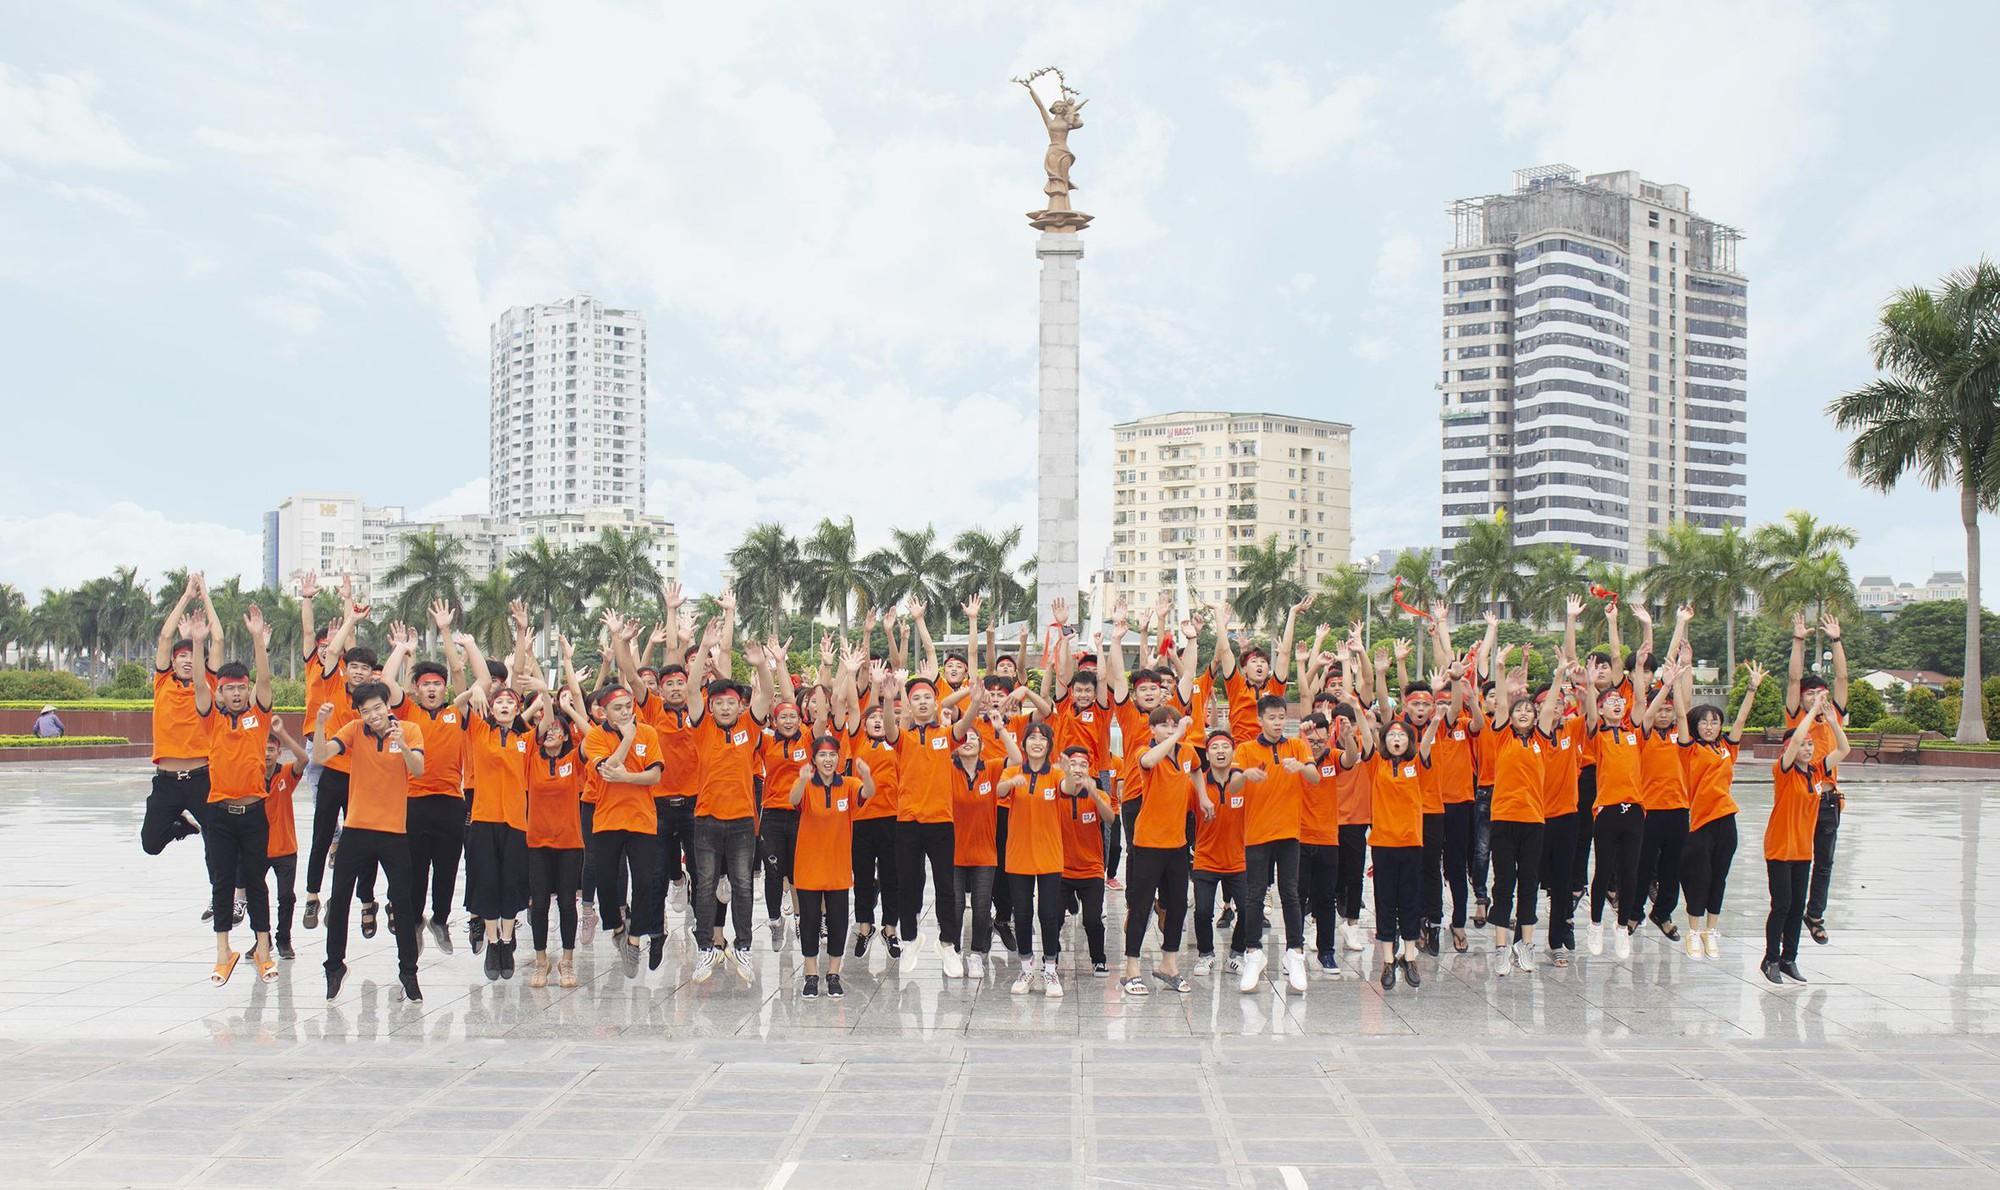 Tân sinh viên TTTH (T3H) nhảy flashmode chào đón Quốc khánh - Ảnh 5.